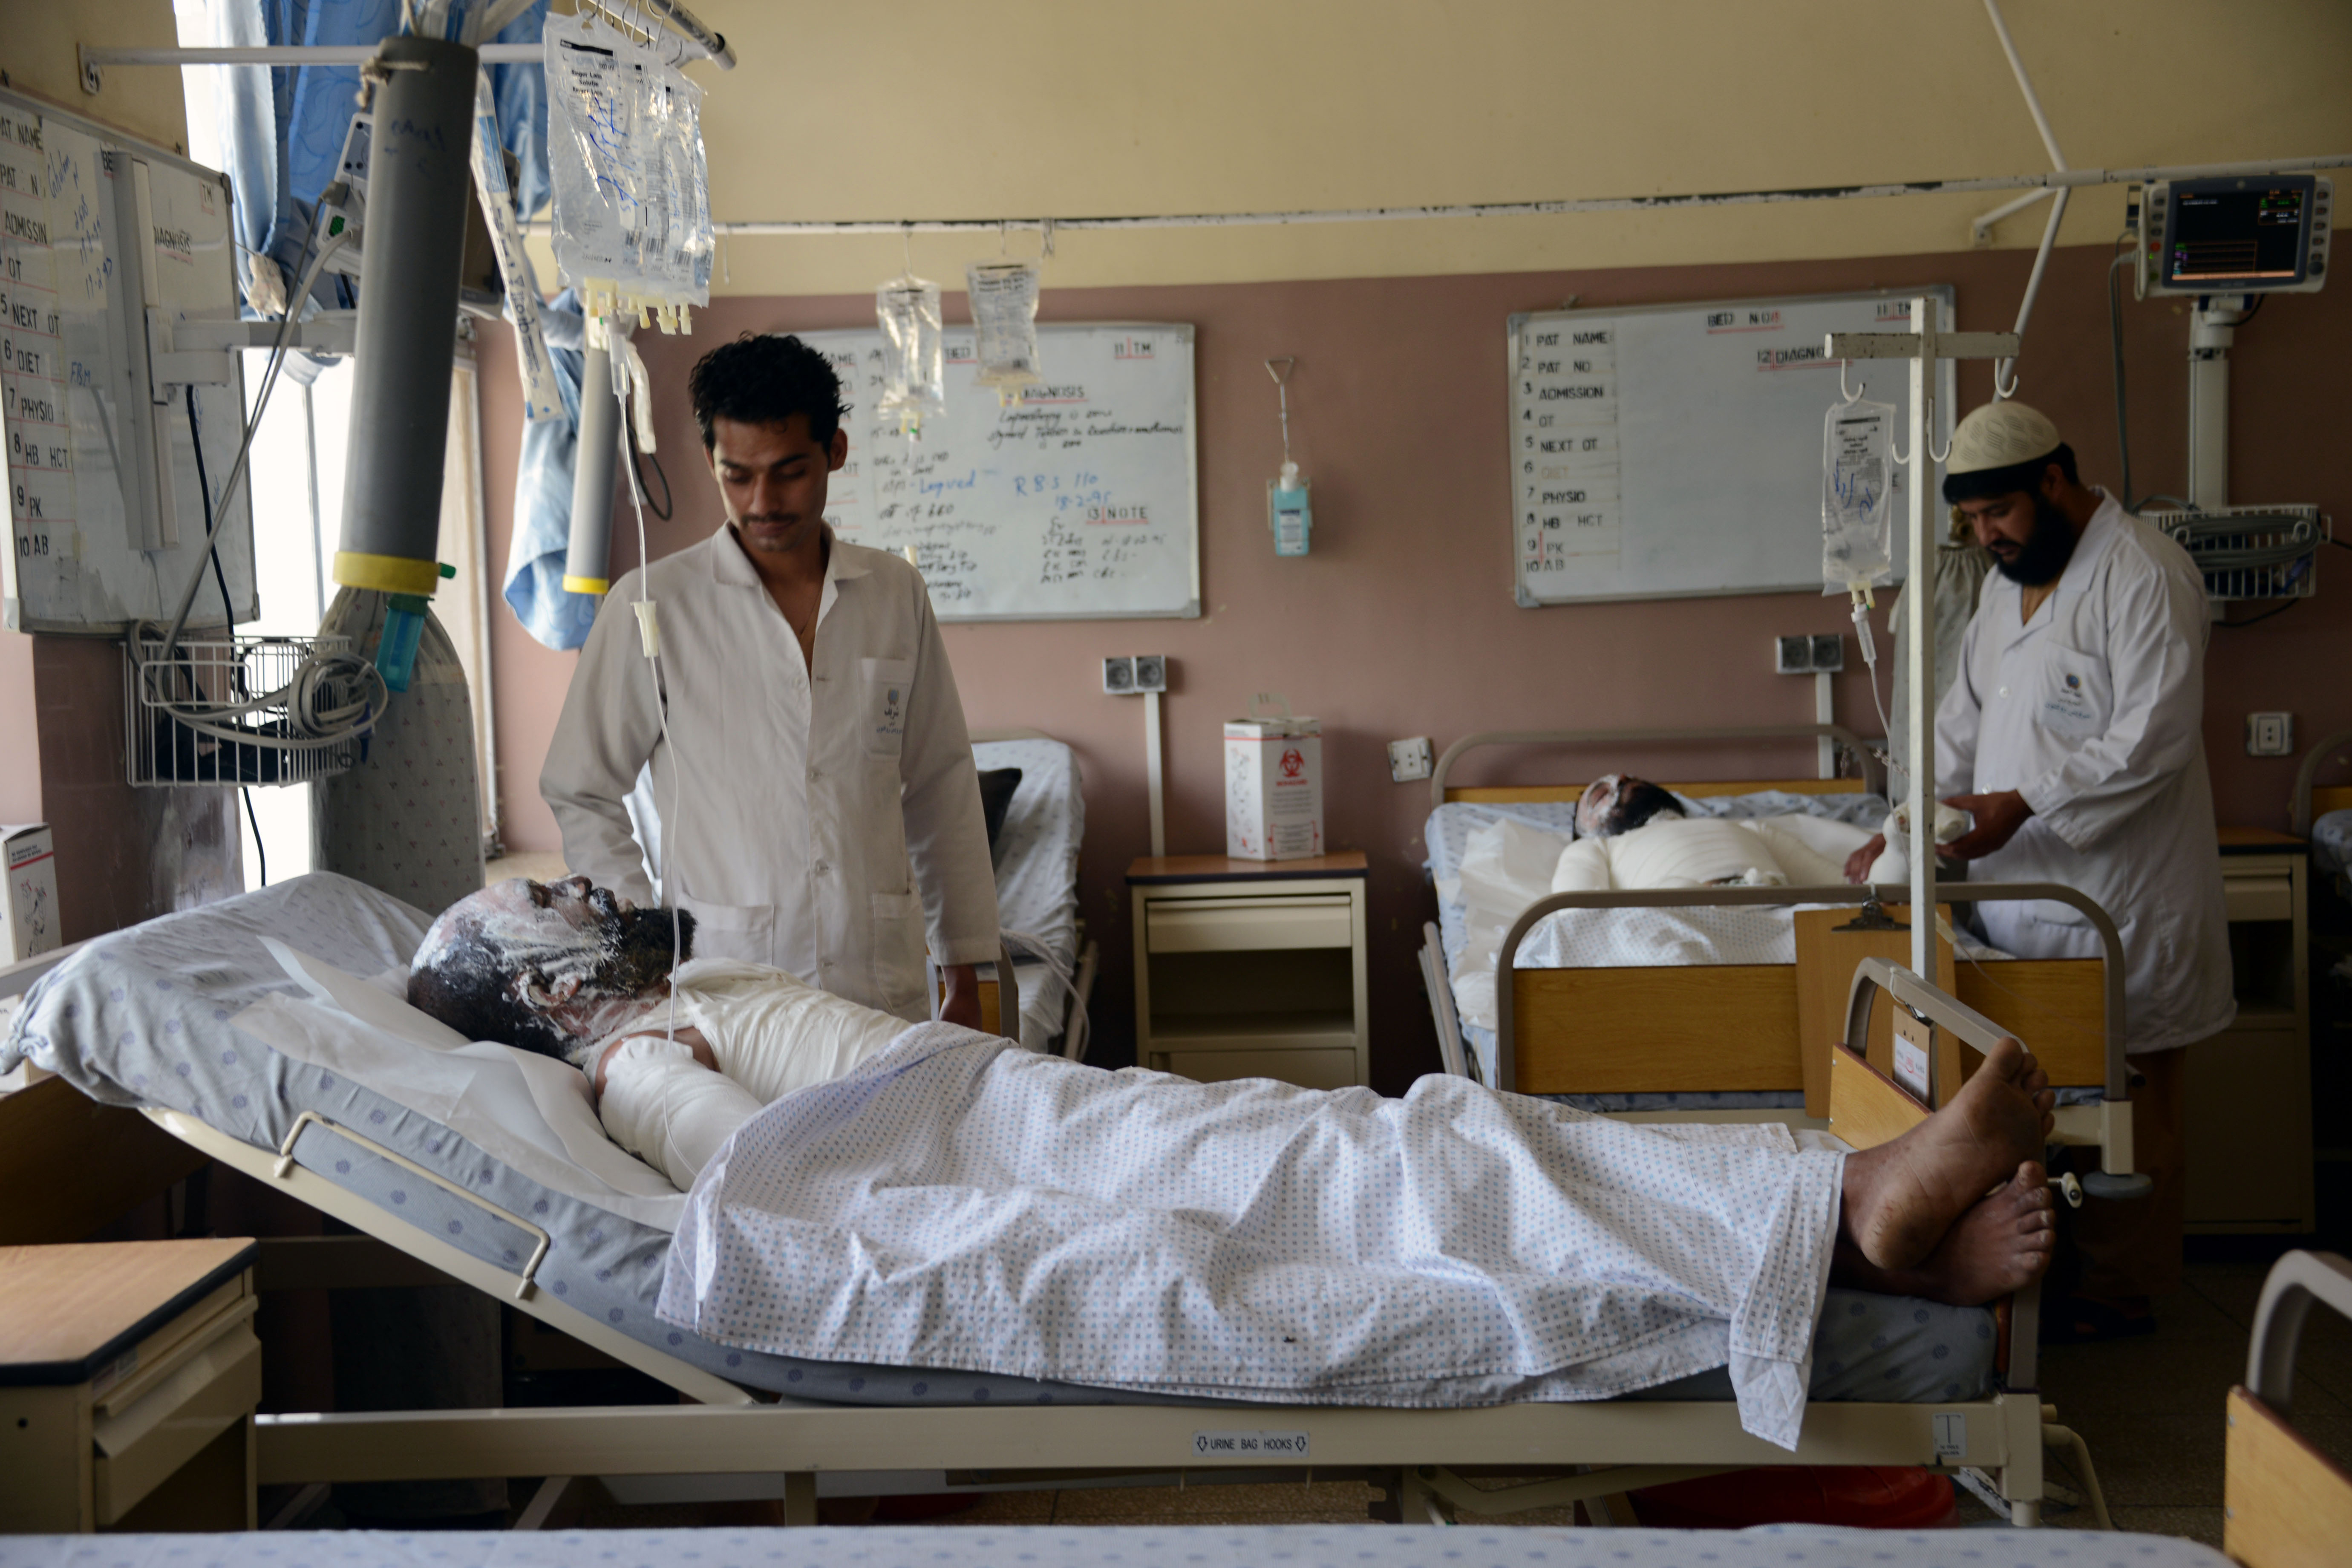 په اروزګان کې د طالبانو د فعالیت له امله ۲۵۰ زره کسان له روغتیایي پاملرنې څخه محروم شوي دي